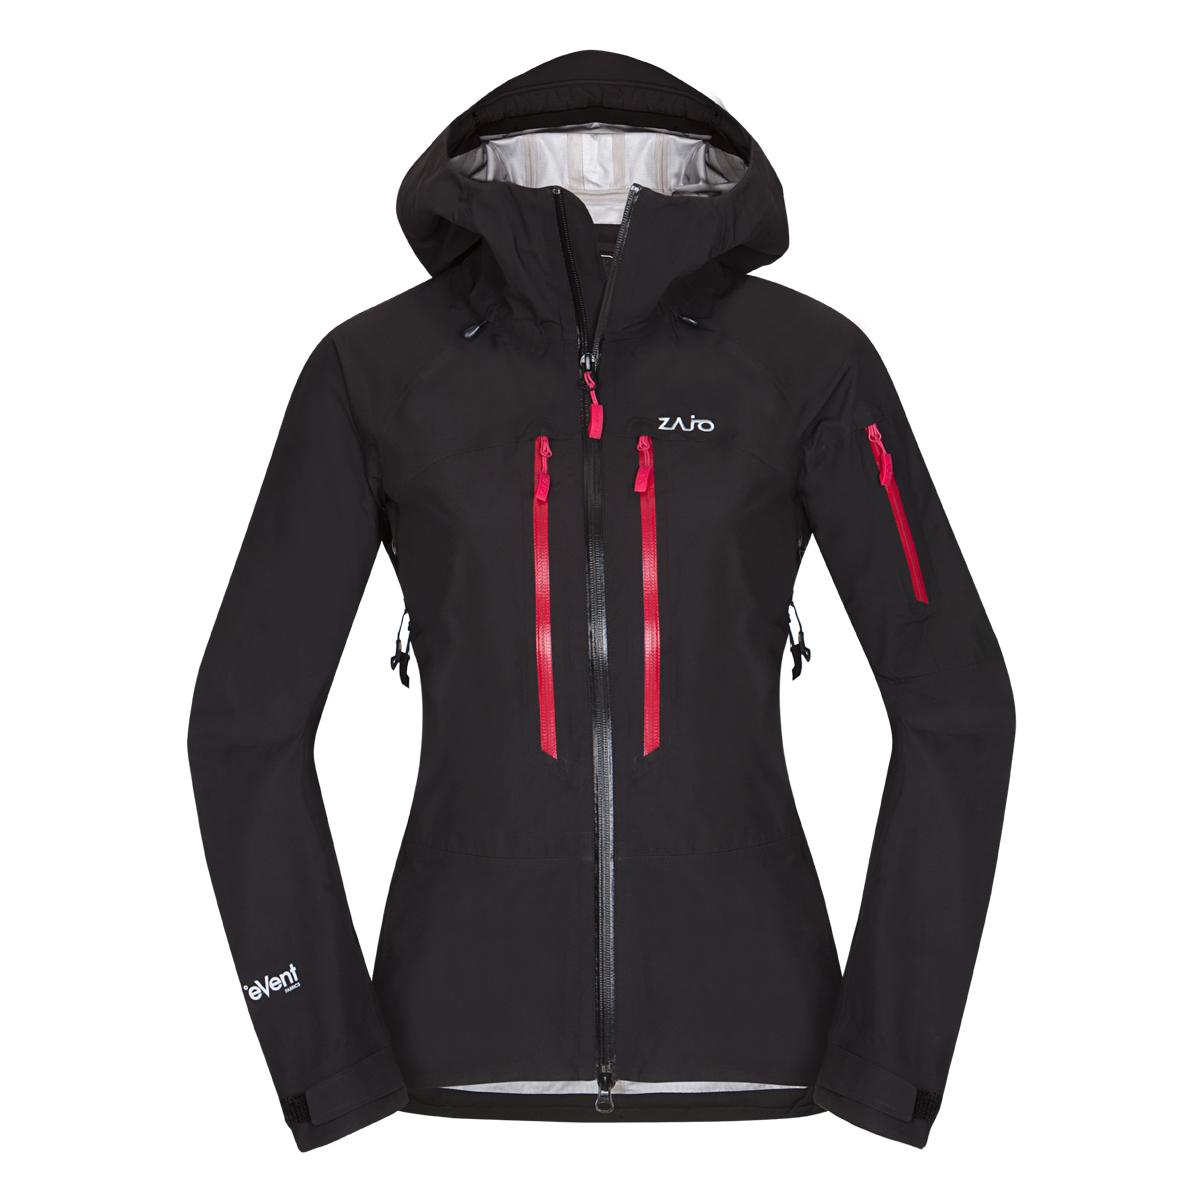 Dámska bunda Zajo Annapurna W JKT Black - veľkosť XS